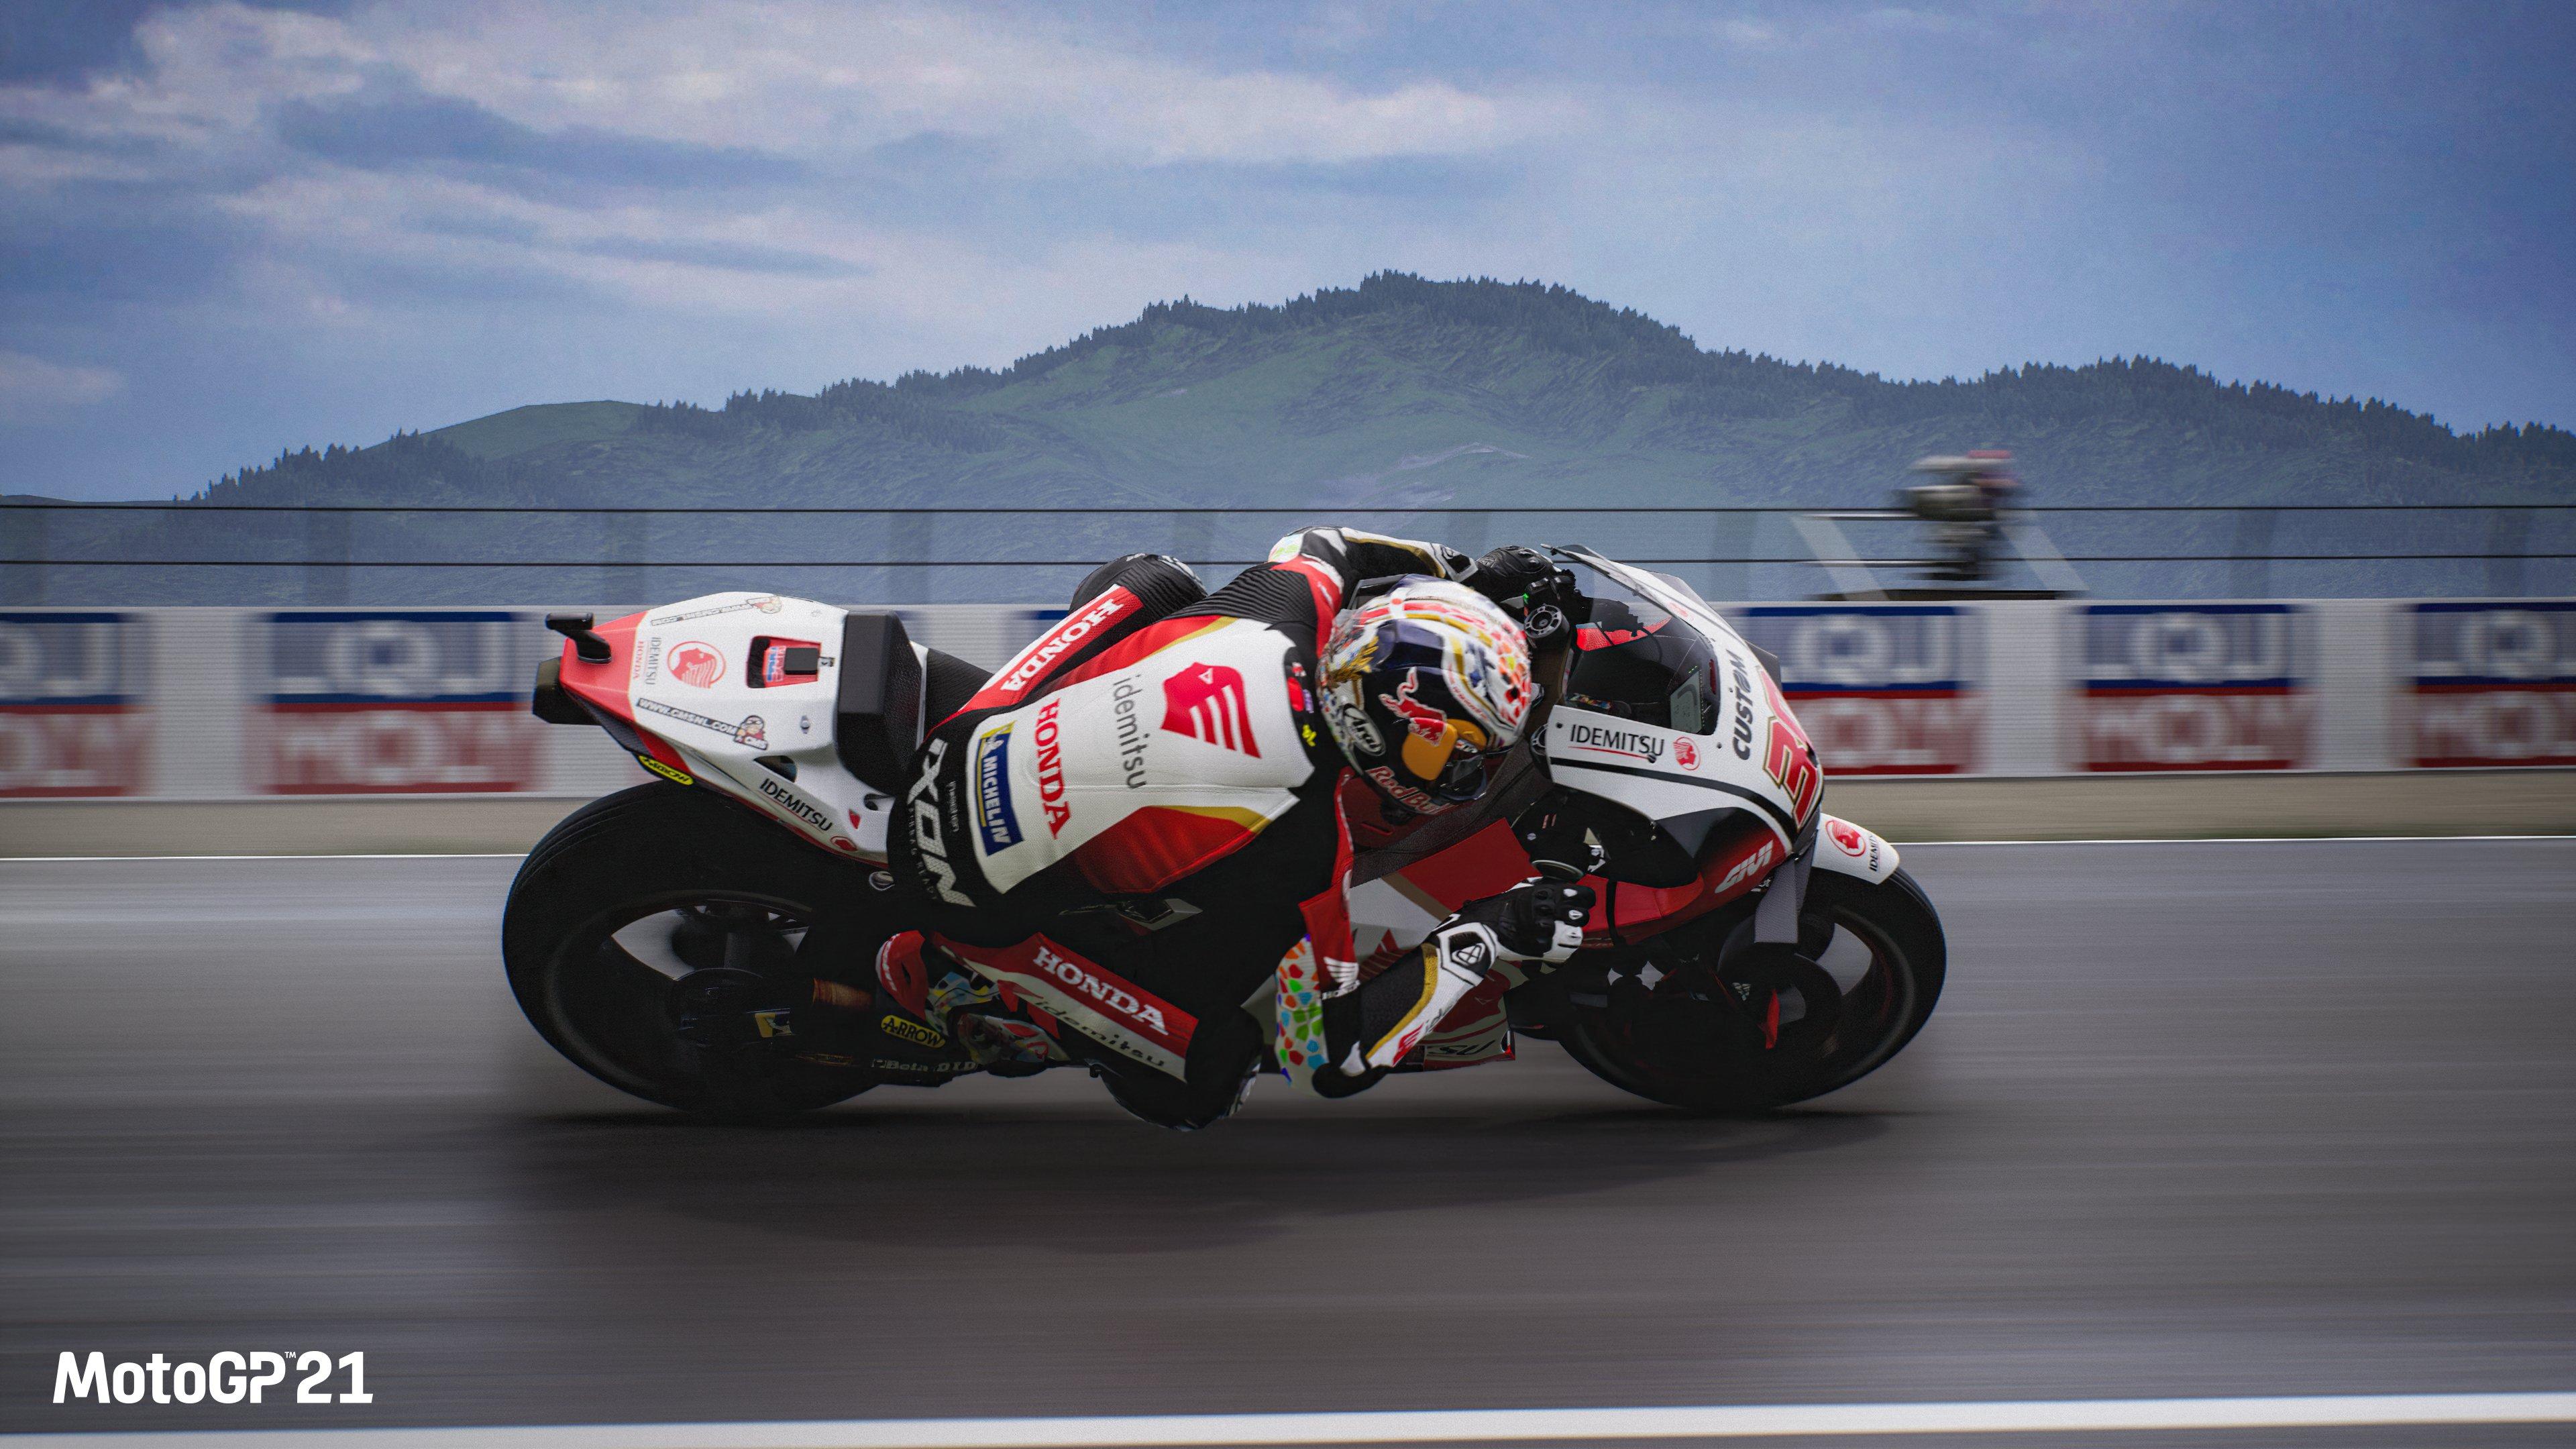 Рейсинг MotoGP 21 выйдет на PC и консолях 22 апреля